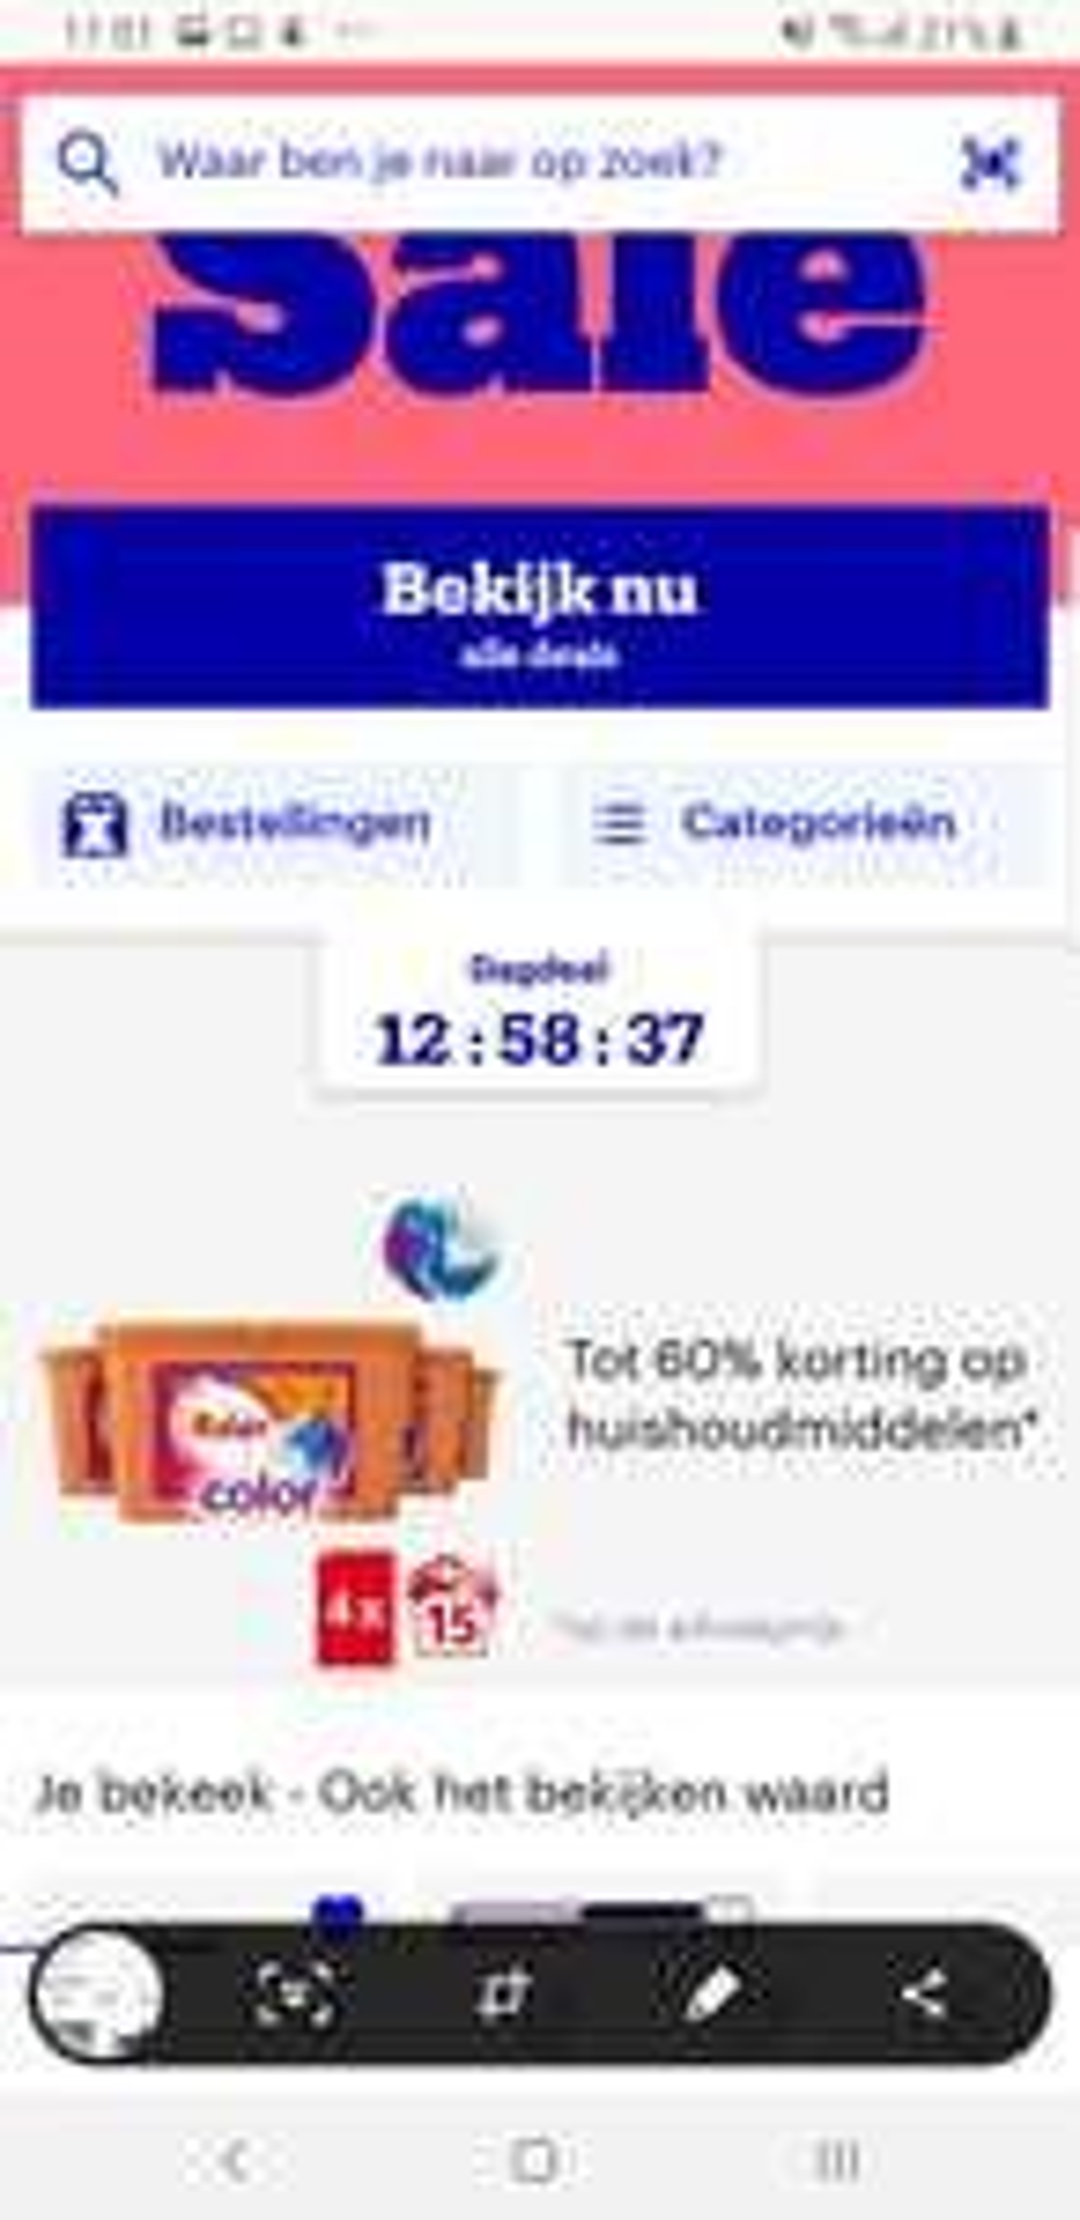 Bol.com dagdeal tot 60% korting op huishoudmiddelen.